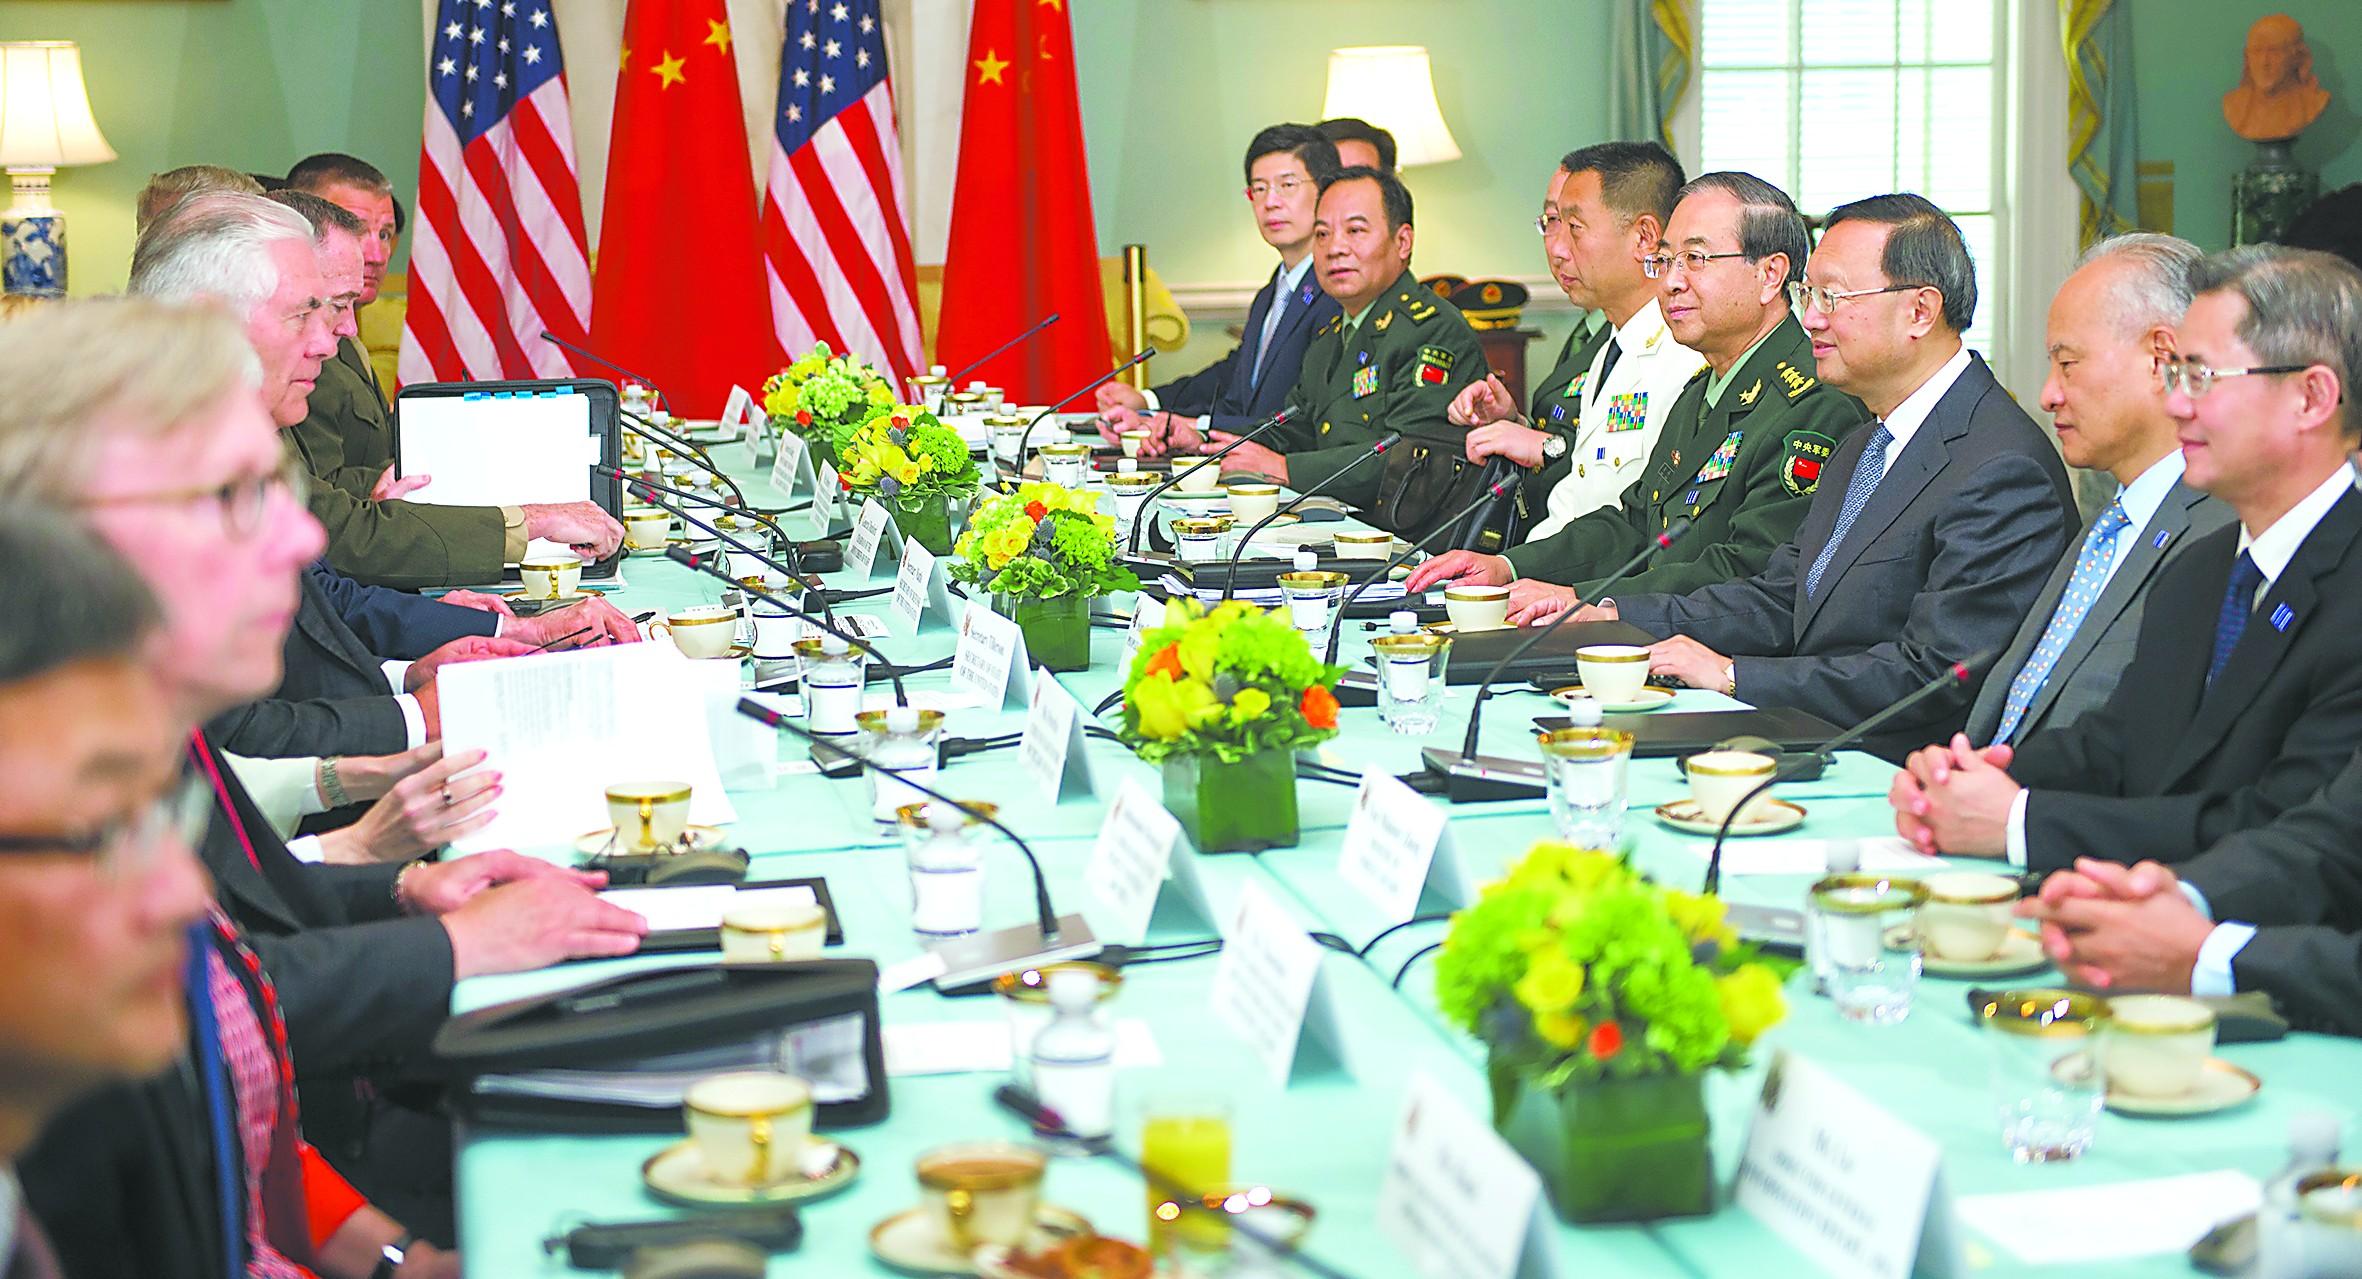 中美首轮外交安全对话开启 美称最高要务是朝核